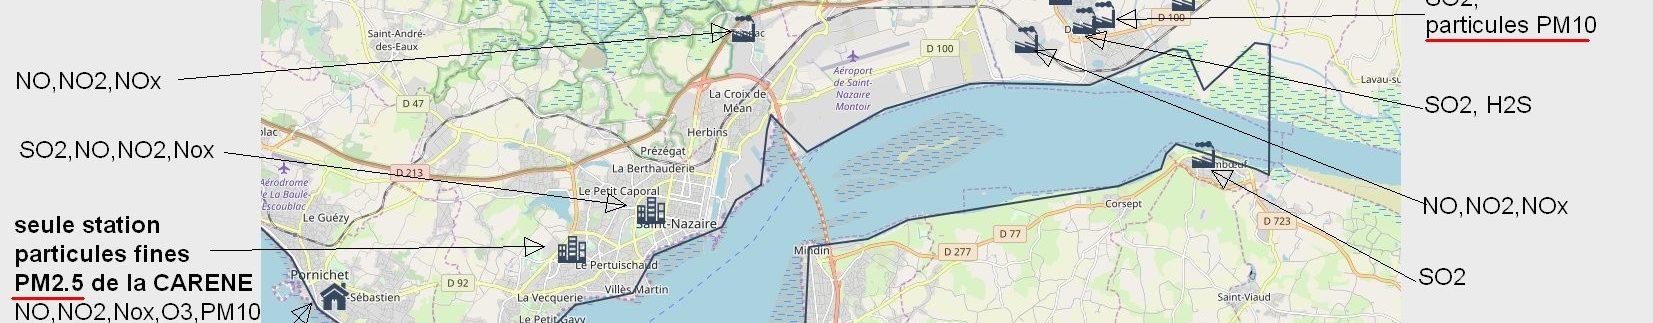 Réduire la Pollution de l'Air – Saint-Nazaire – Pornichet – La Baule